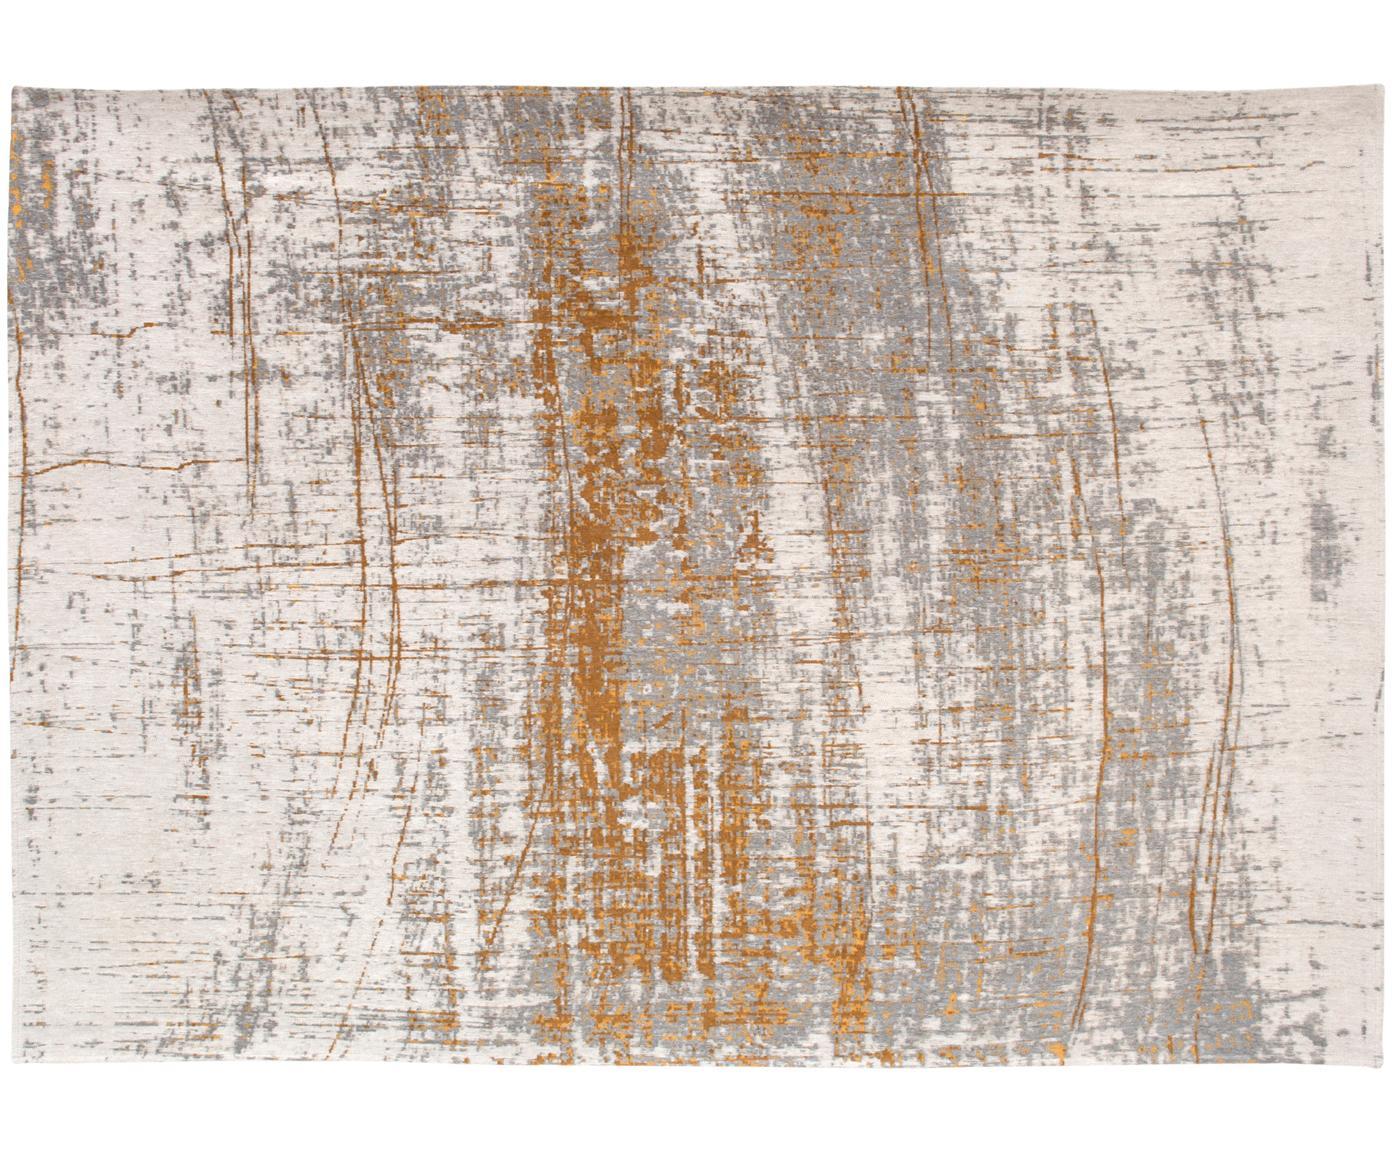 Vloerkleed Griff, Bovenzijde: 85%katoen, 15%hoogglanz, Weeftechniek: jacquard, Onderzijde: katoenmix, gecoat met lat, Bovenzijde: grijs, goudkleurig, gebroken wit, B 80 x L 150 cm (maat XS)